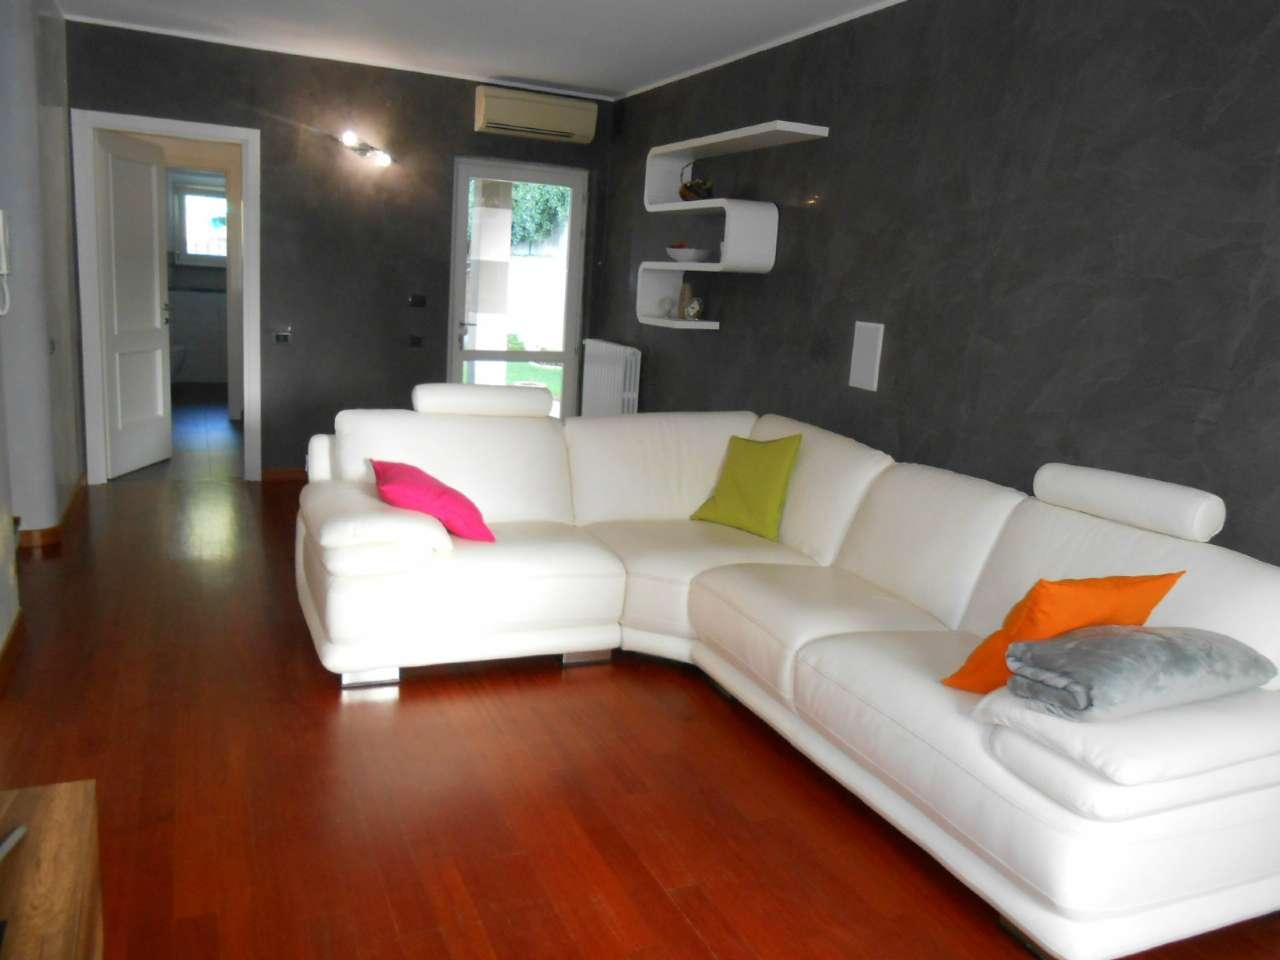 Villa Bifamiliare in vendita a Vaiano Cremasco, 4 locali, prezzo € 210.000   PortaleAgenzieImmobiliari.it